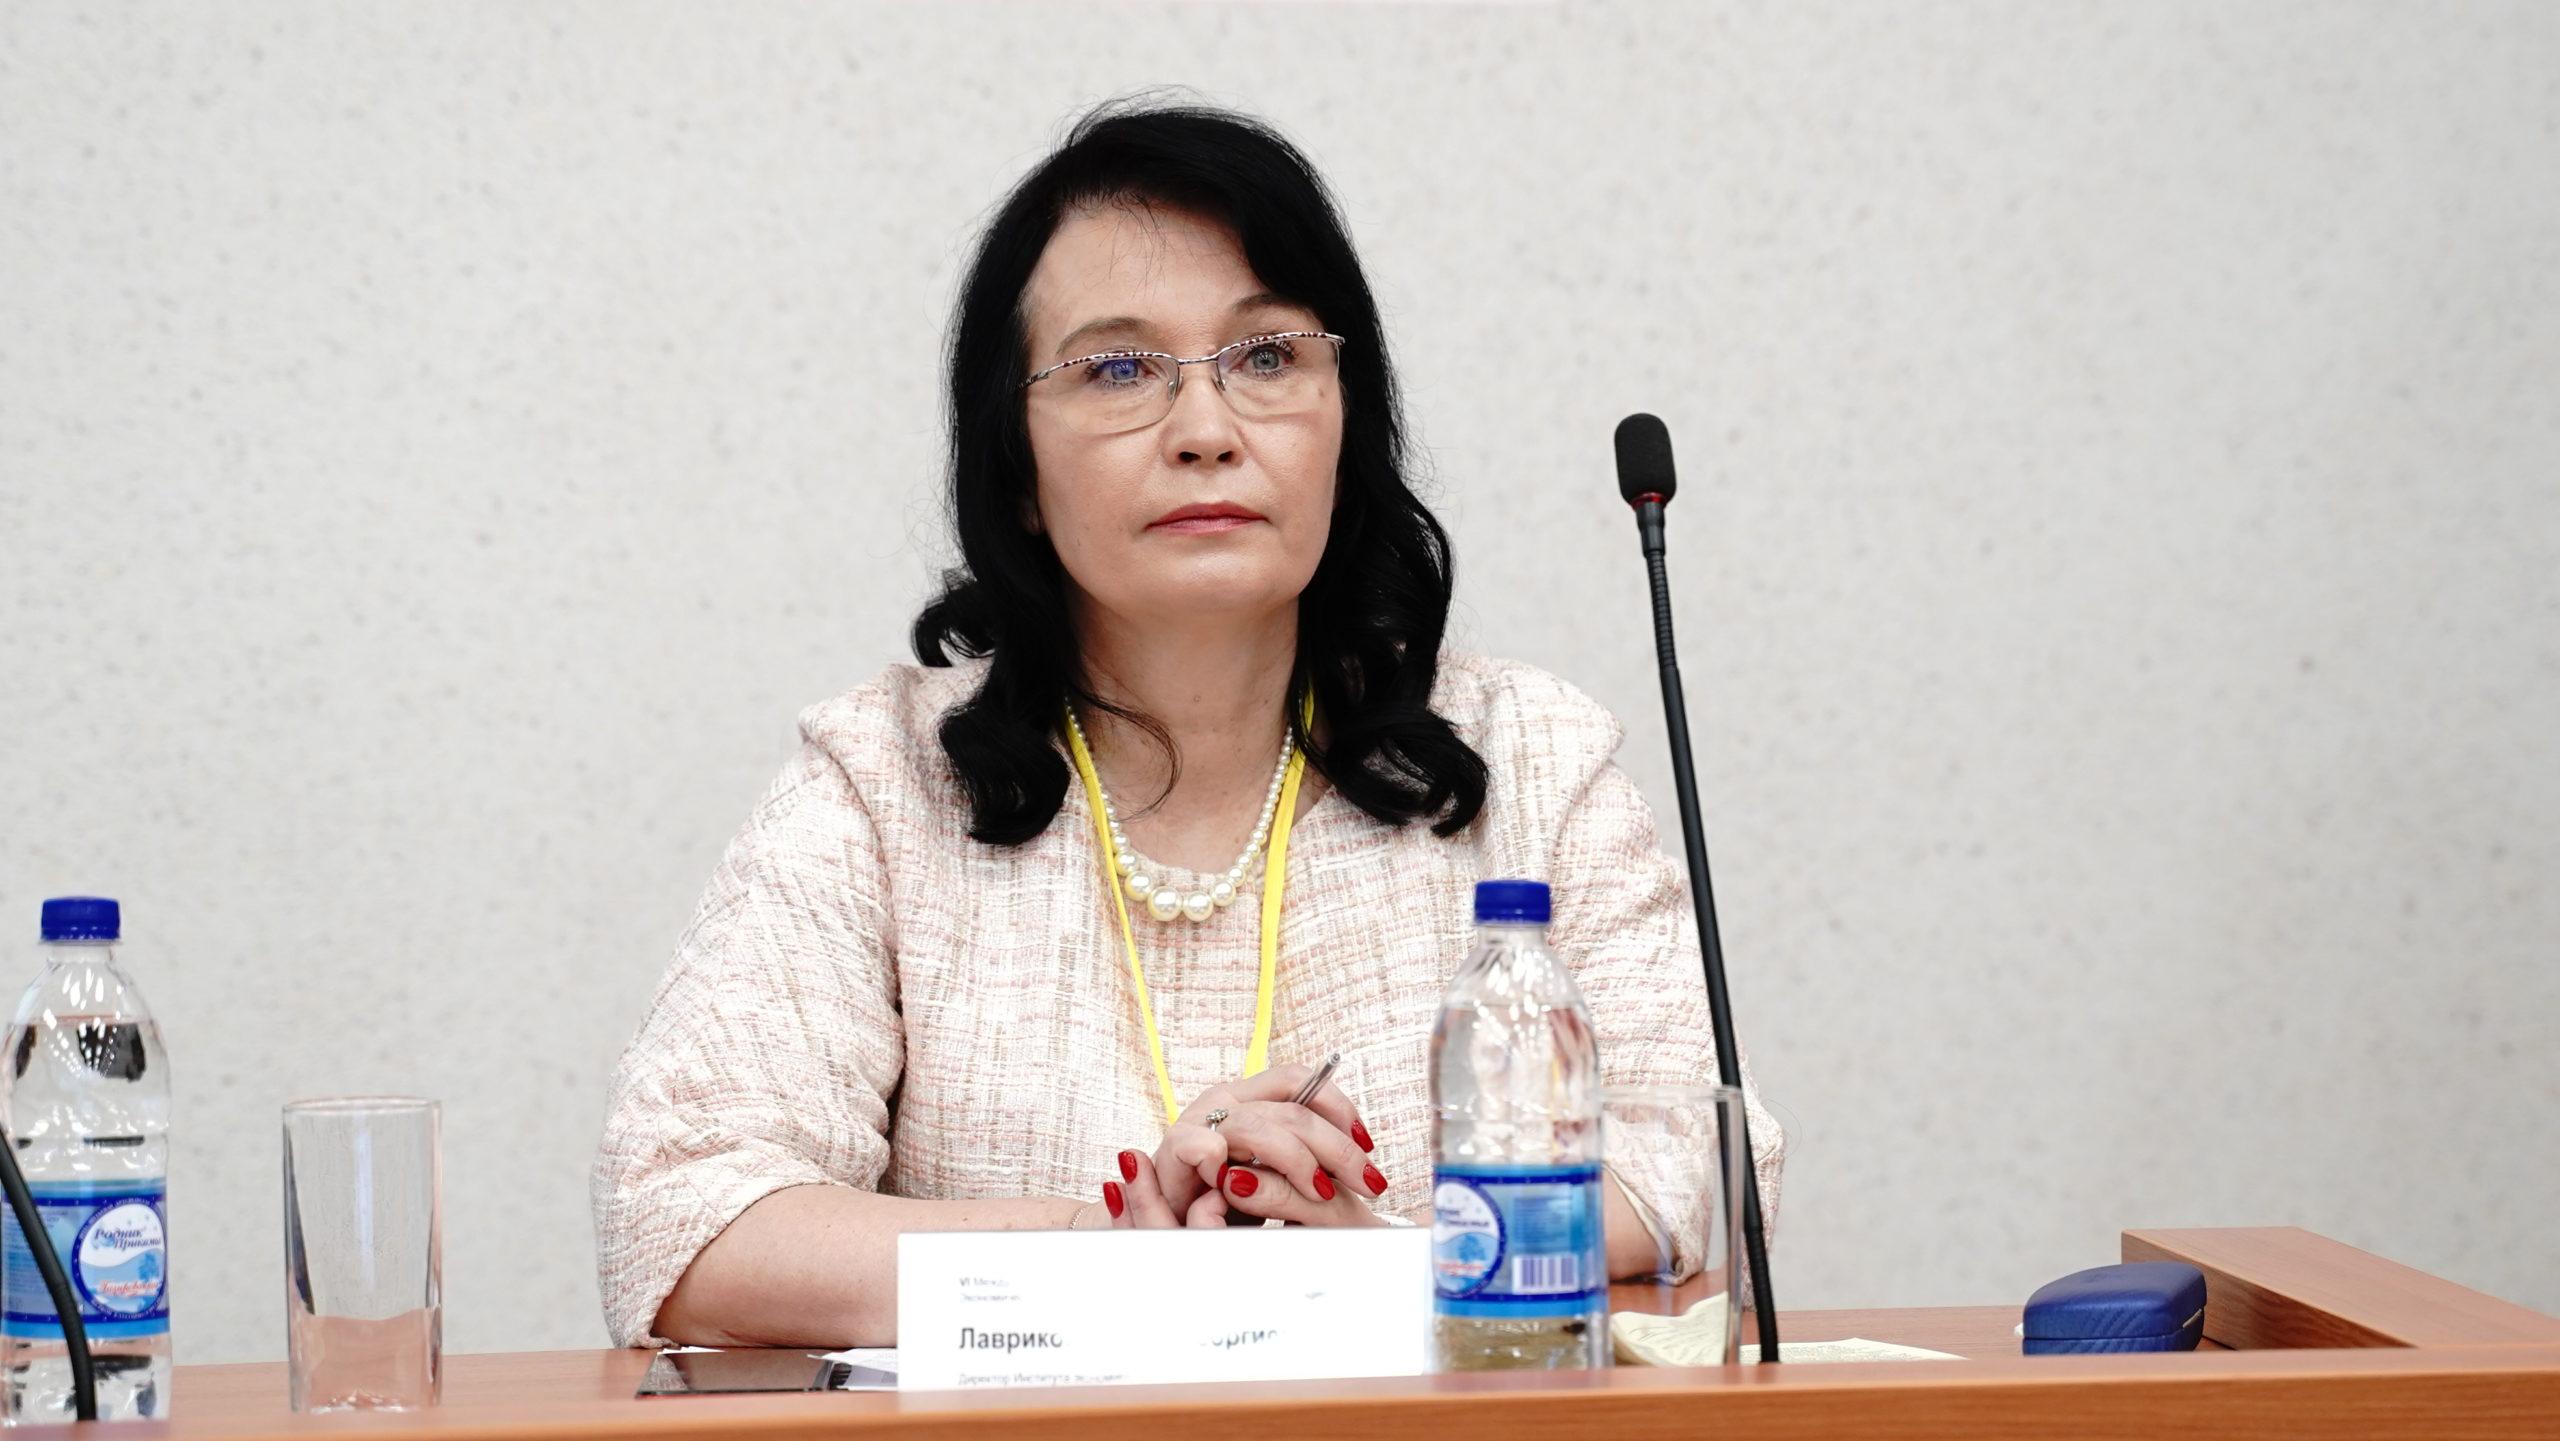 Конференция «Экономическая безопасность: проблемы, перспективы, тенденции развития»